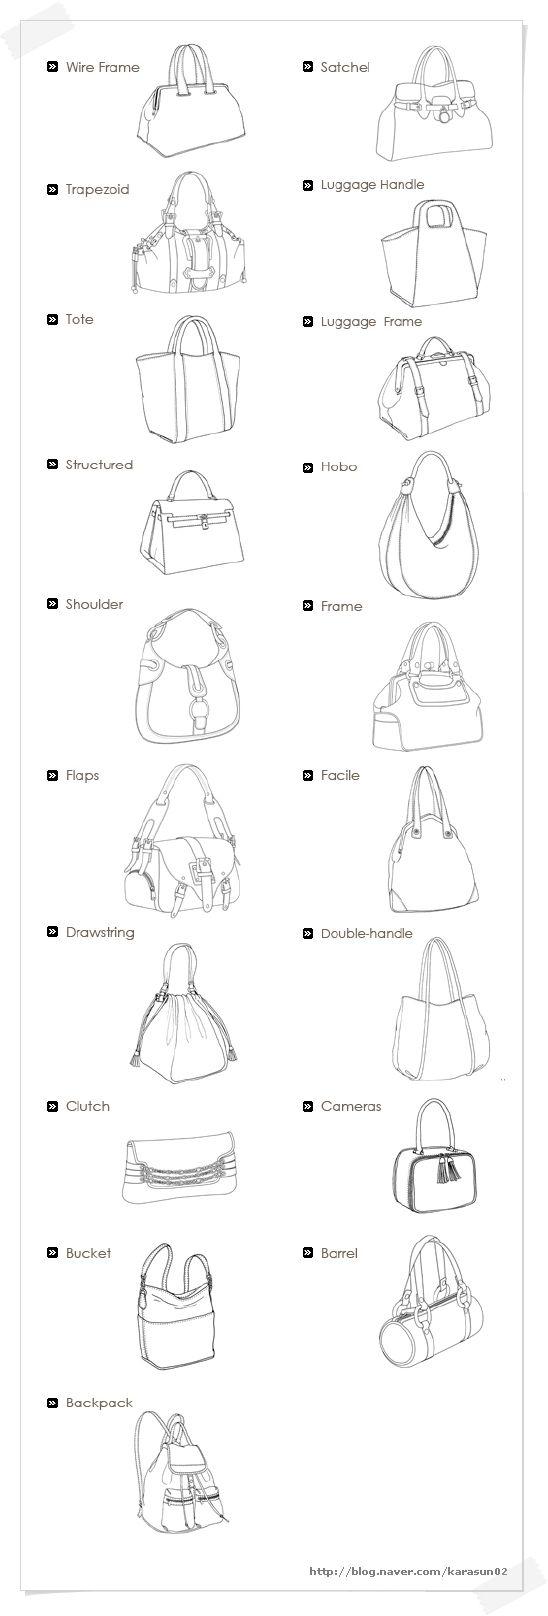 가방 종류 - 가방의 종류 :: 네이버 블로그